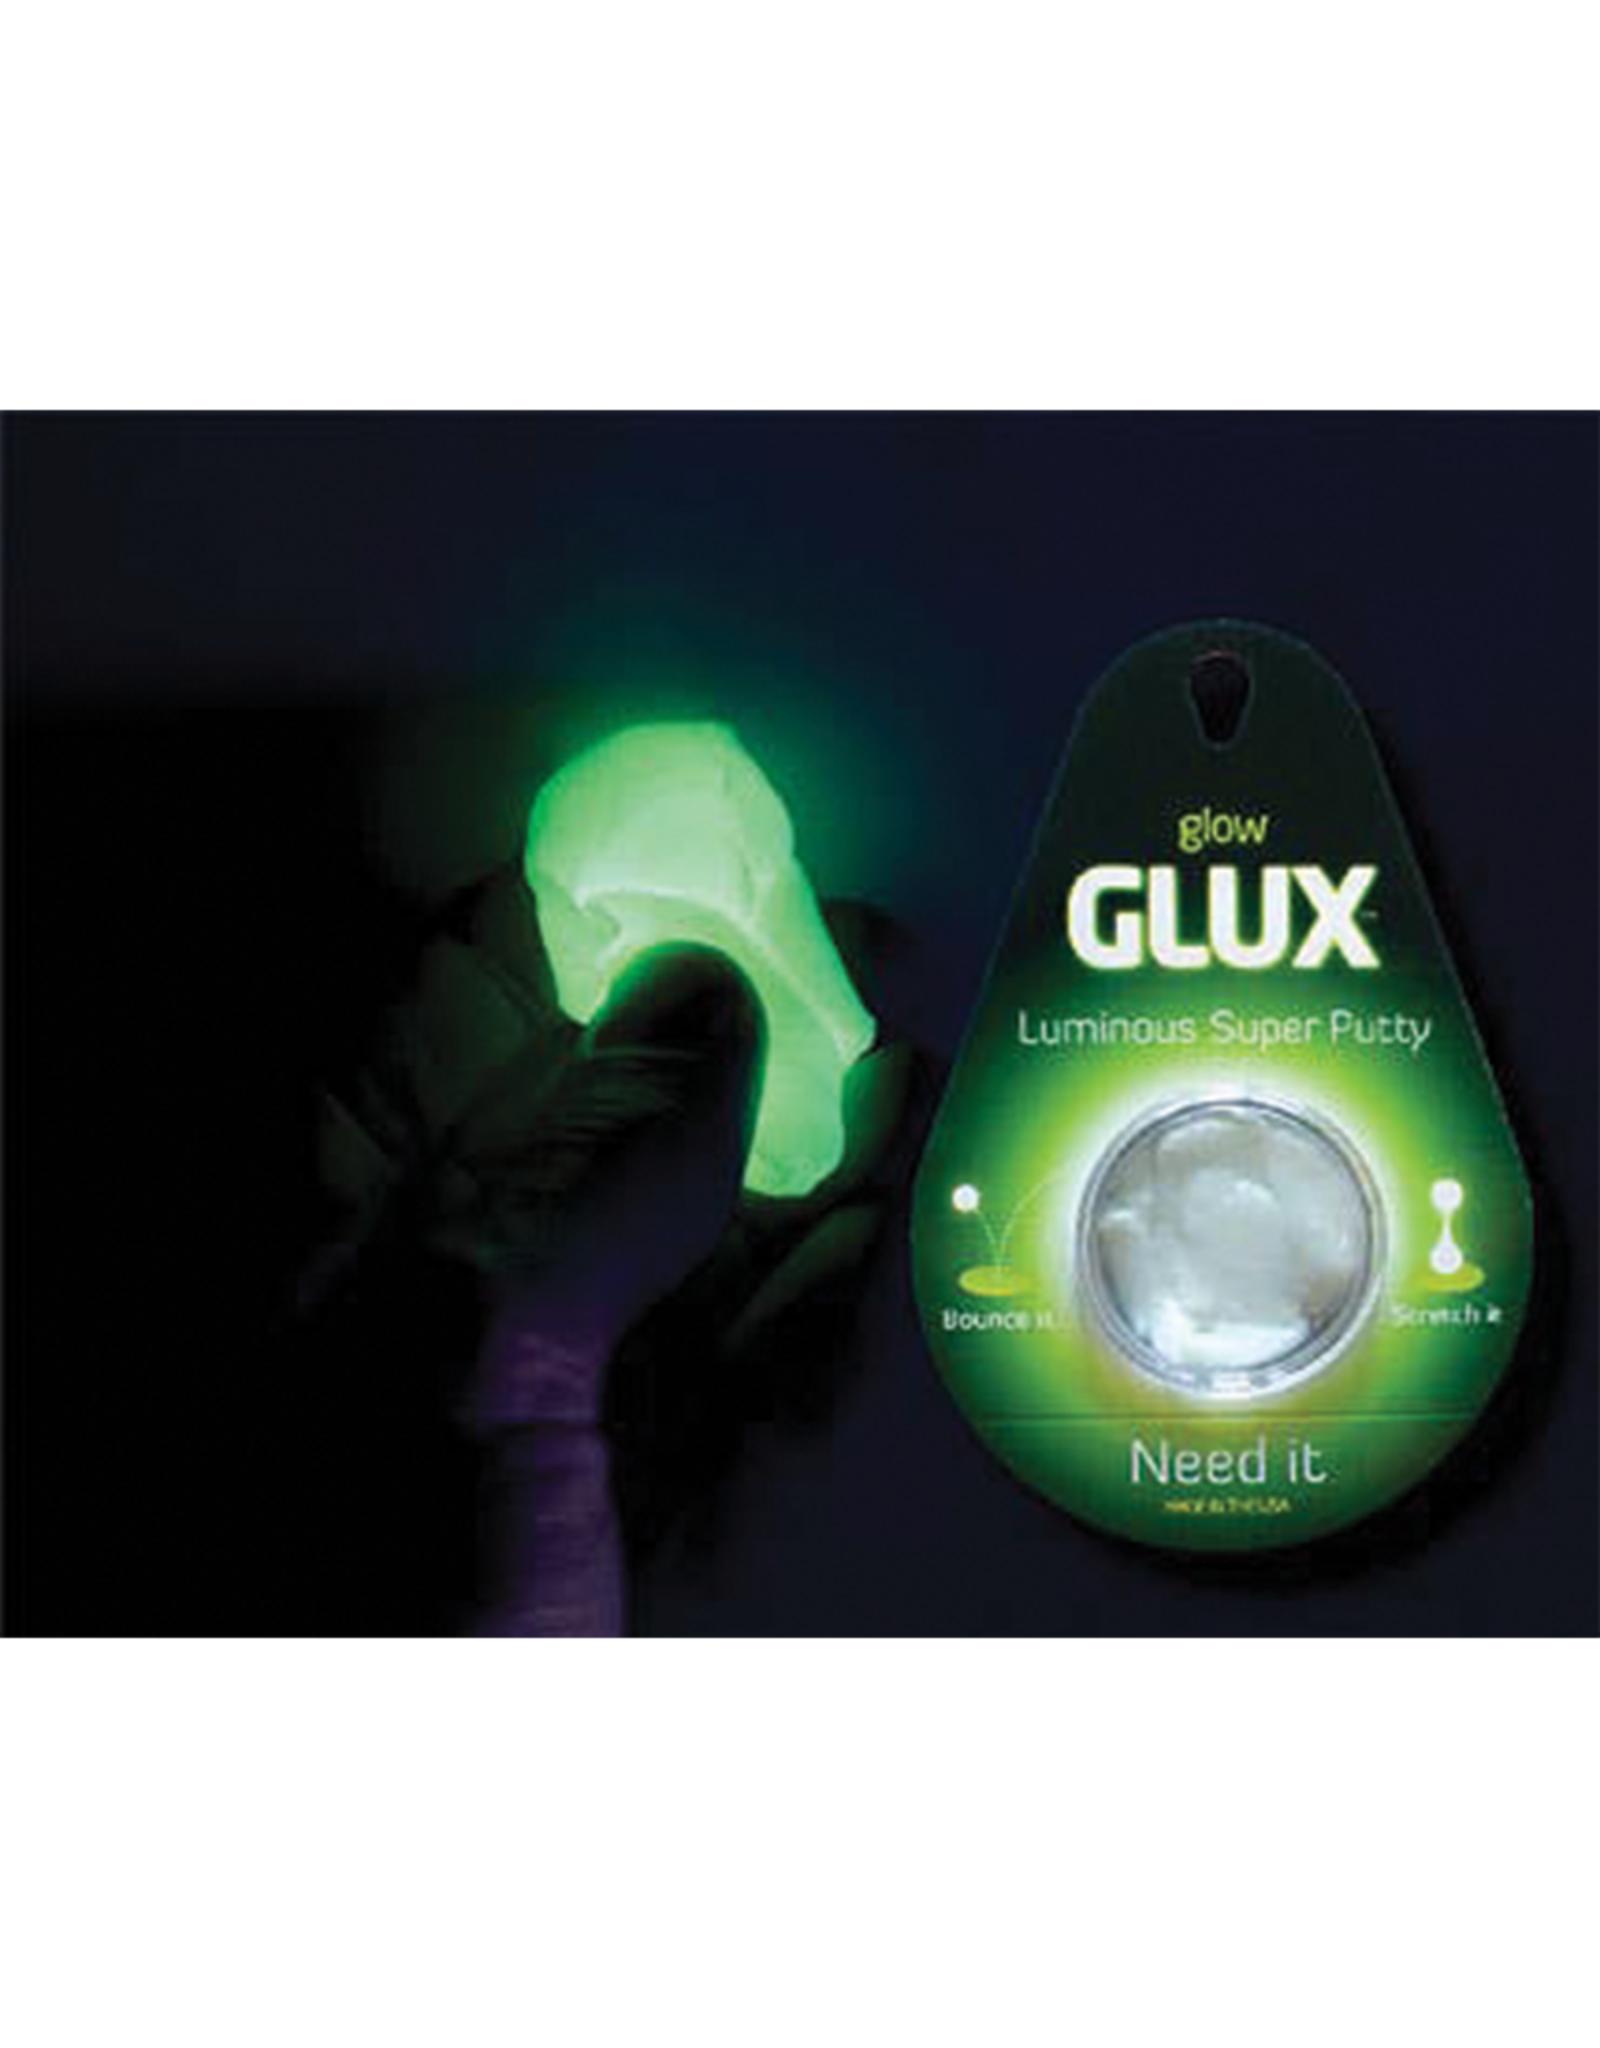 Copernicus Toys GLUX: Glow Super Putty